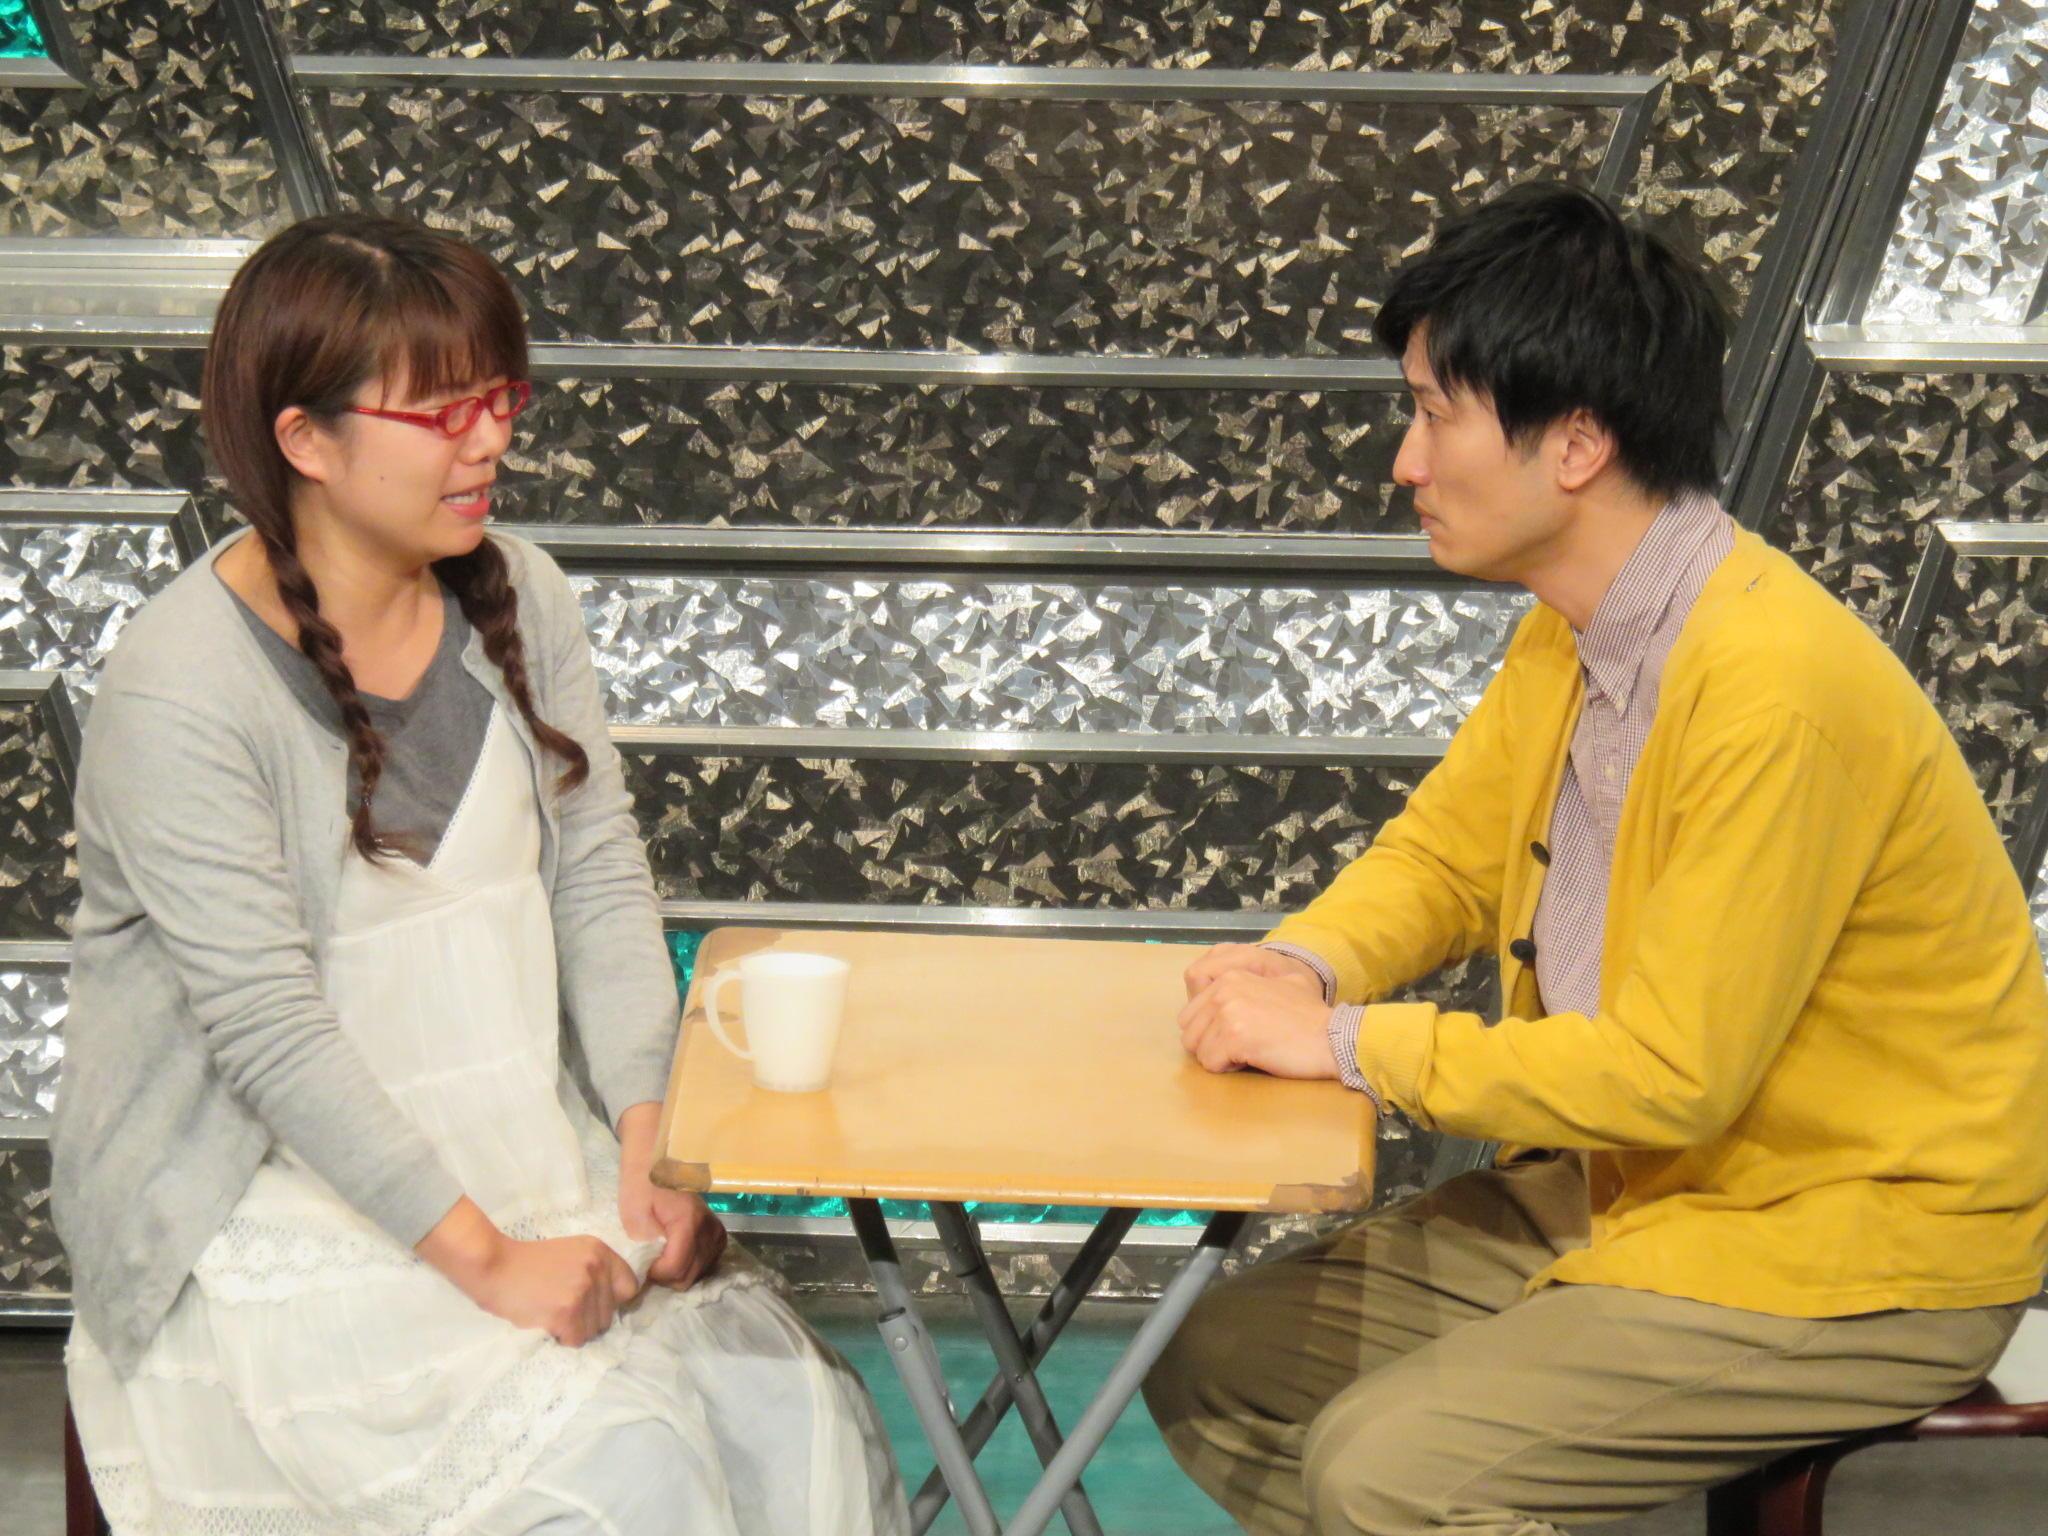 http://news.yoshimoto.co.jp/20161228213228-068a5cc023486dde3b991f17d4c475d973a33f97.jpg